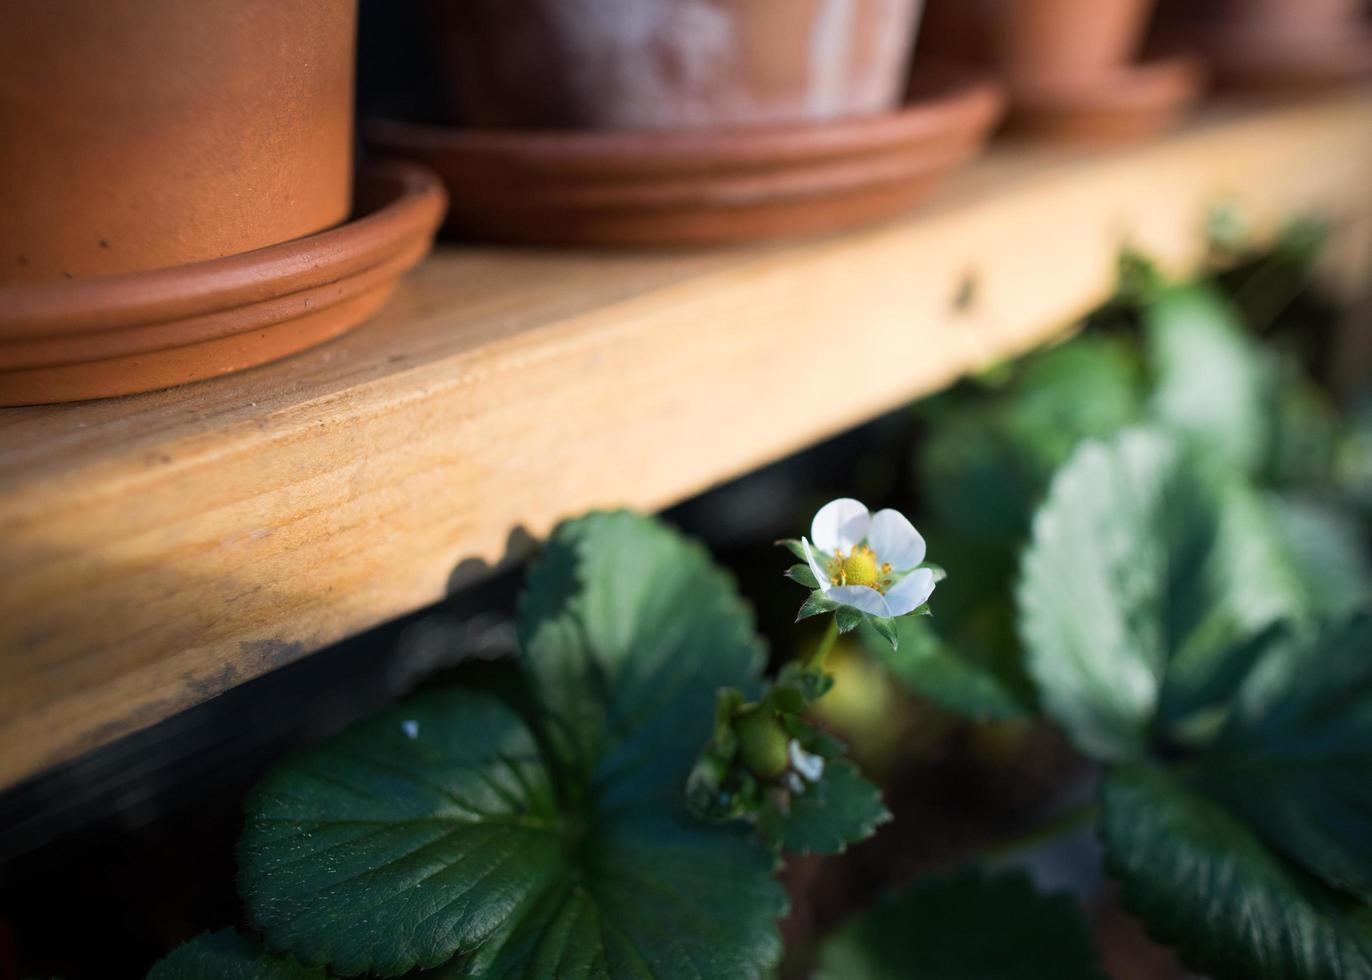 visão macro de uma flor iluminada pelo sol foto